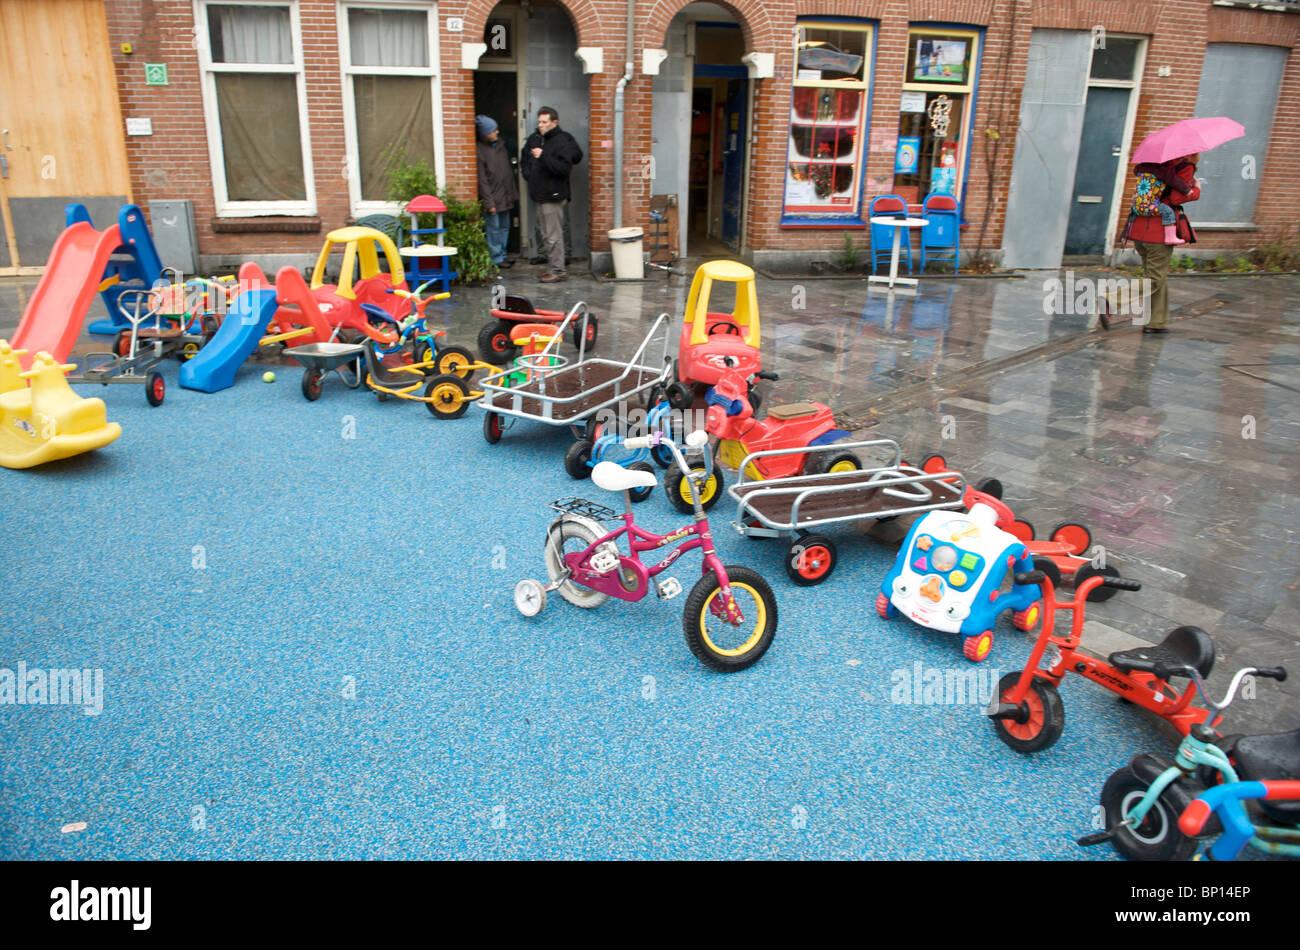 Amsterdam, Oud West, van Beuningenstraat, speelgoed van kinderspeelplaats Stock Photo